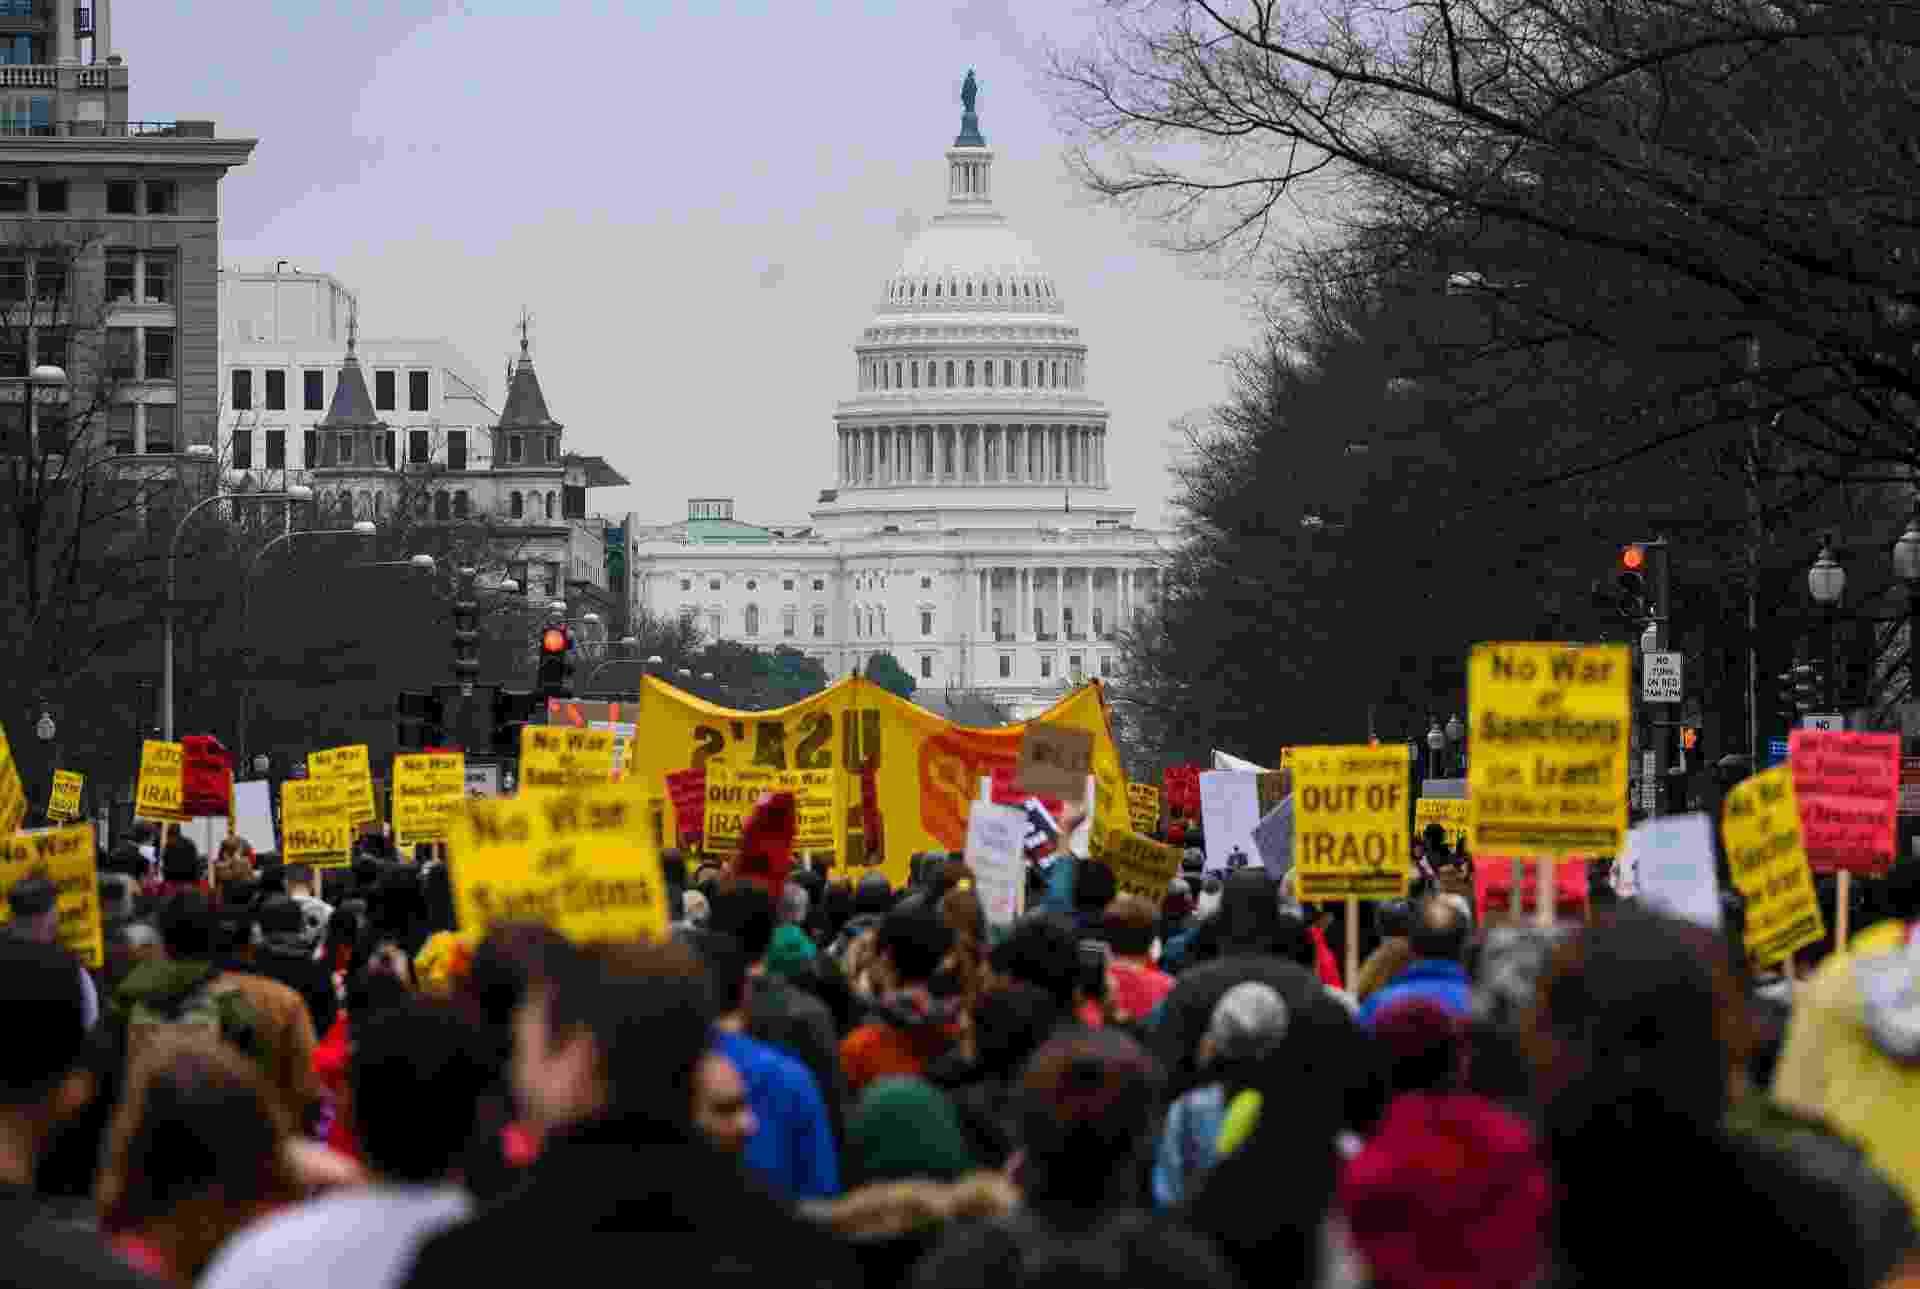 Manifestantes em frente à Casa Branca, em Washington, protestam contra ataque dos EUA ao Irã - Andrew Caballero-Reynolds/AFP